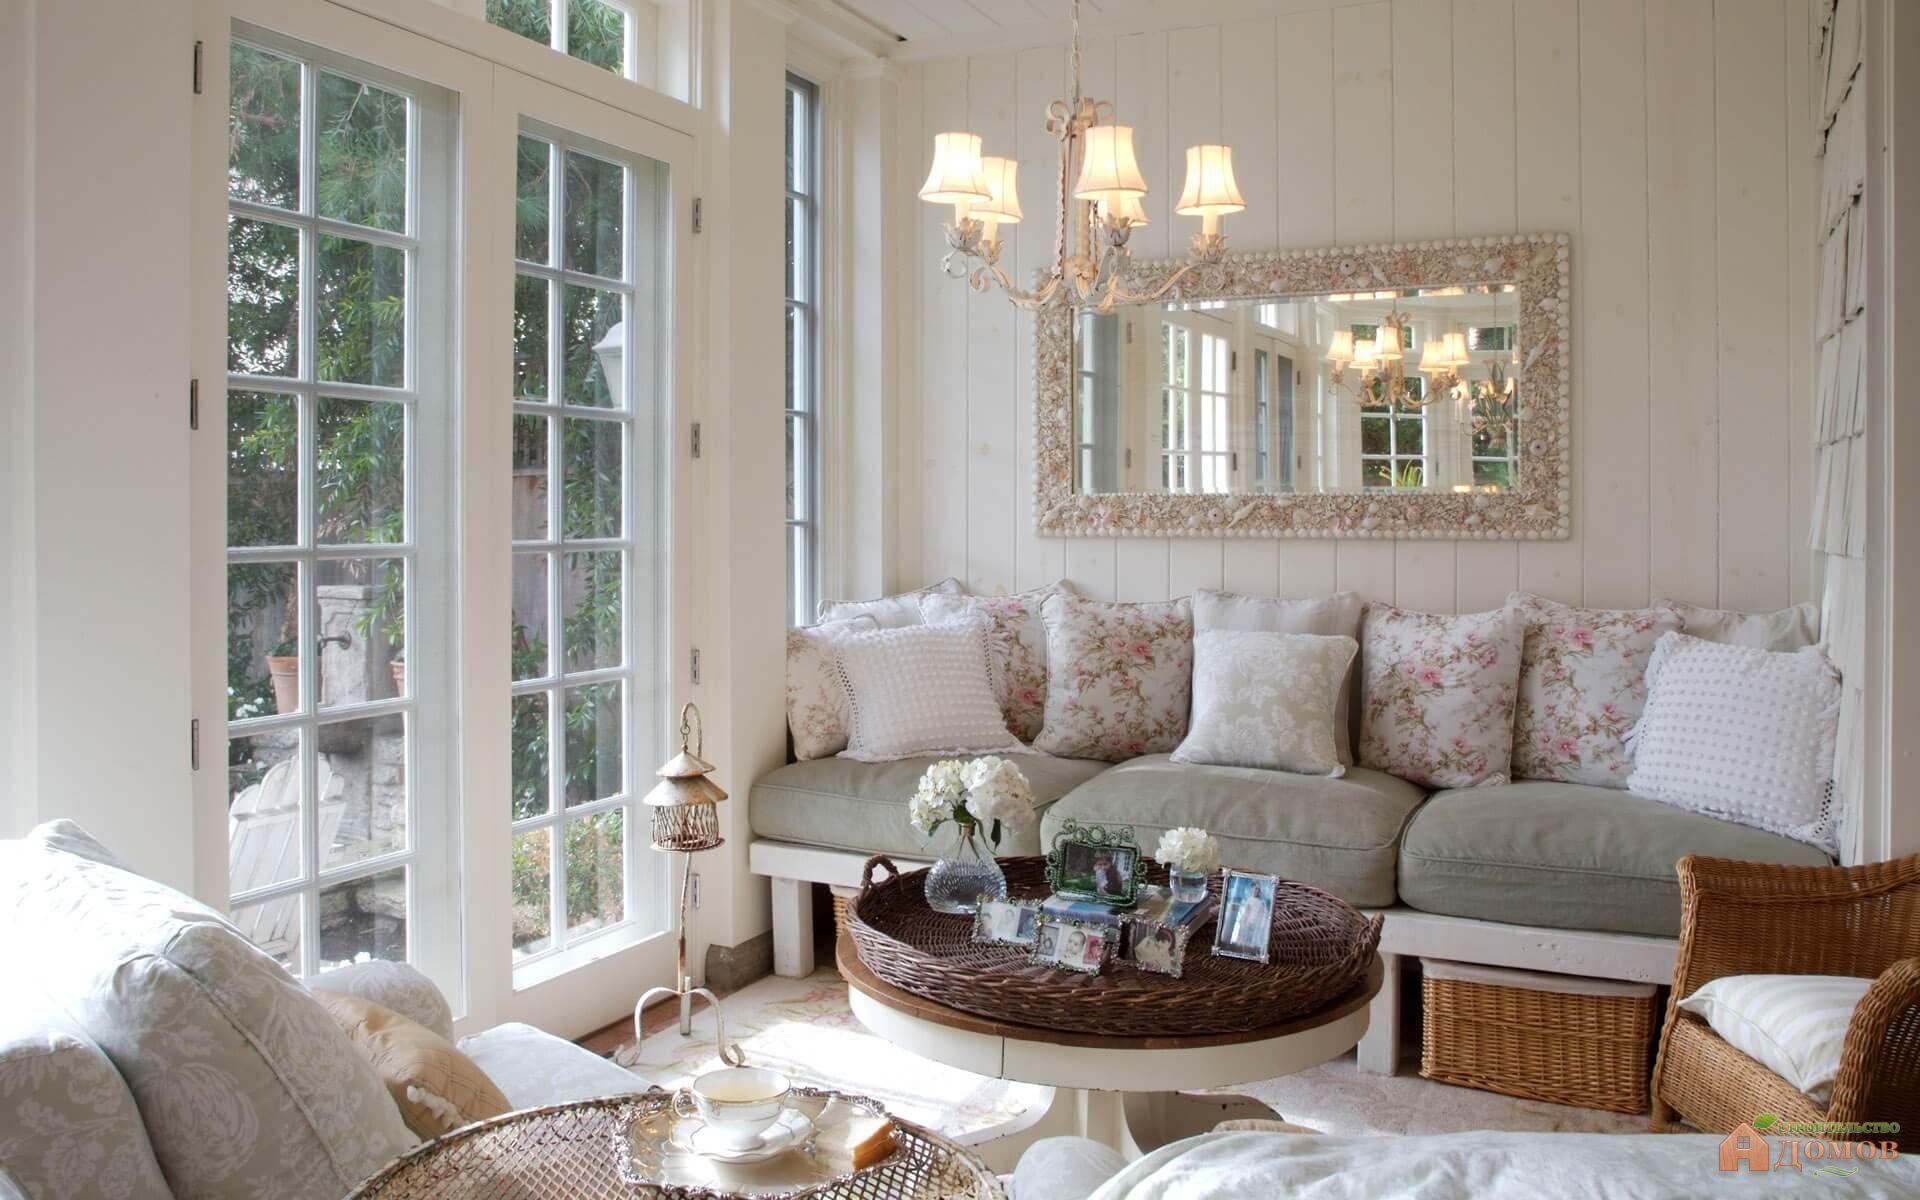 Стиль прованс в интерьере гостиной: фото и особенности (текстиль, мебель, освещение)